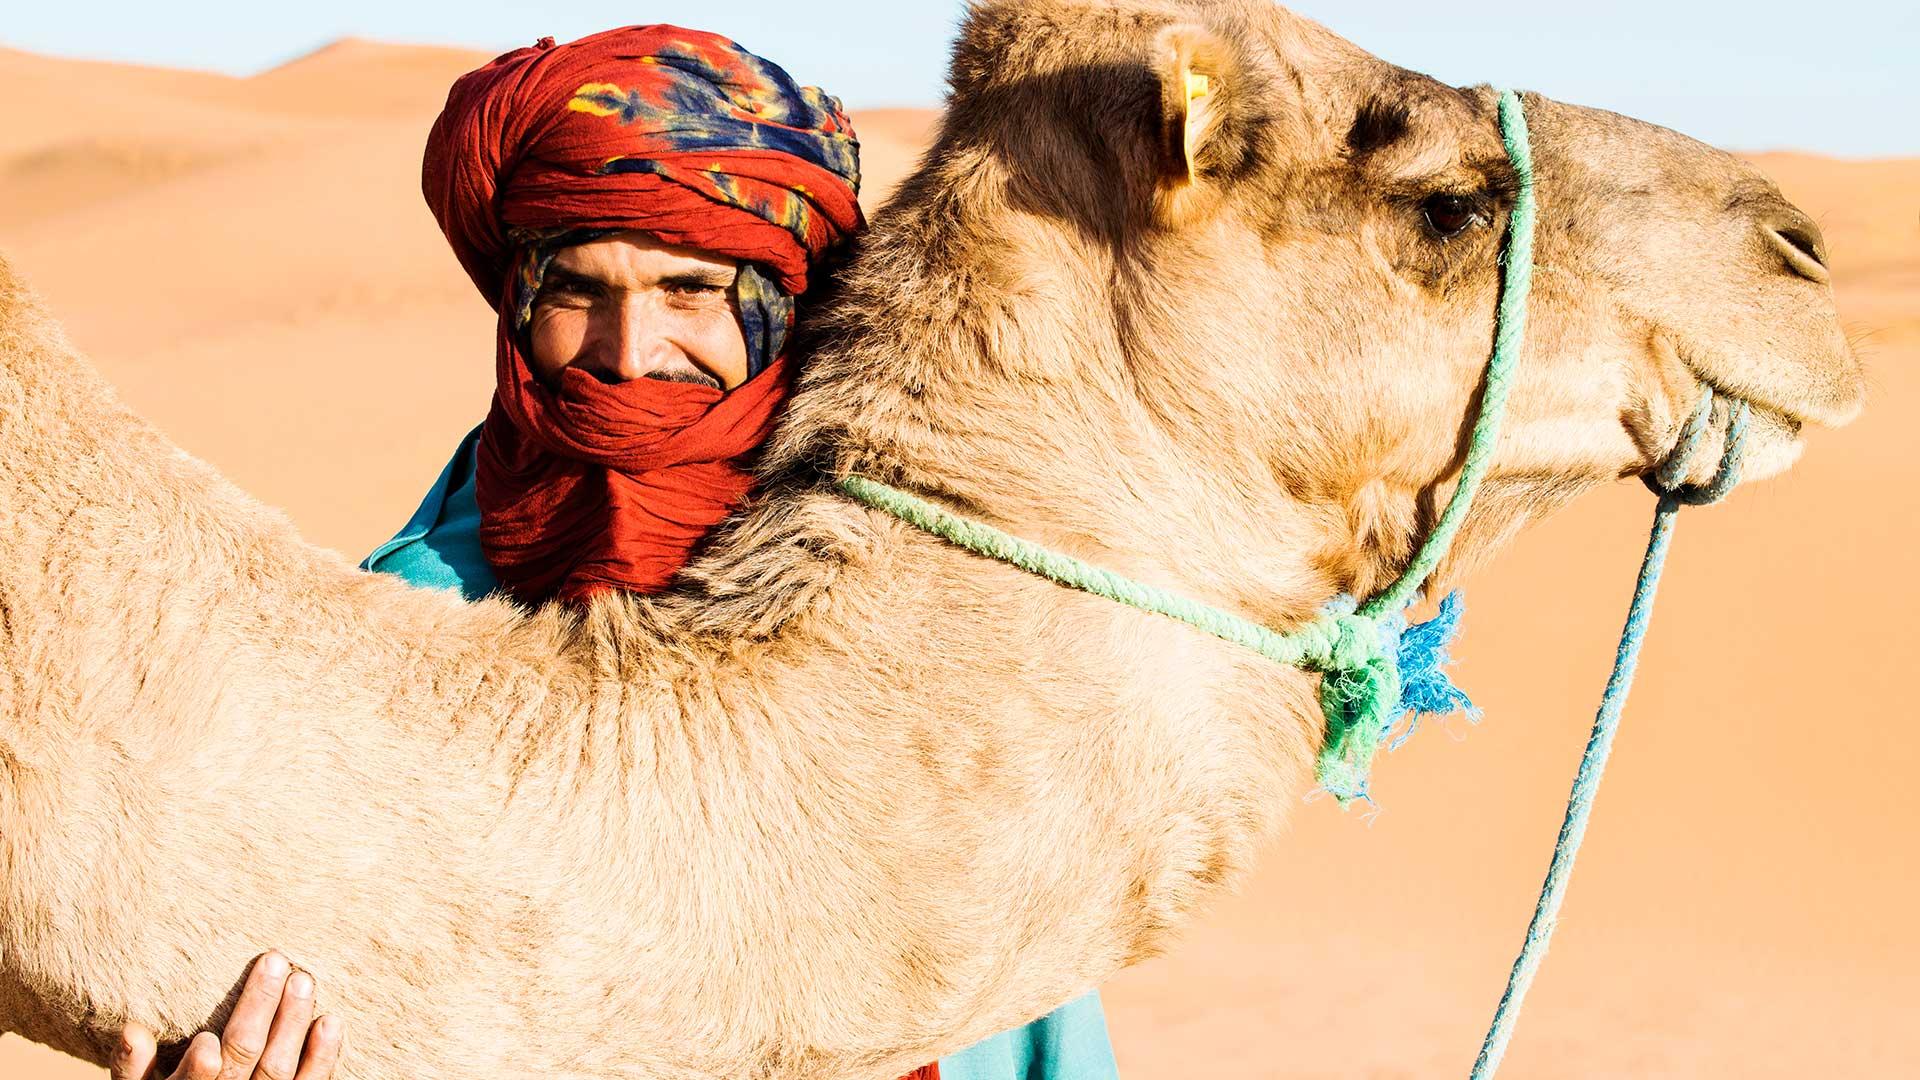 Berber man and a camel, Sahara desert